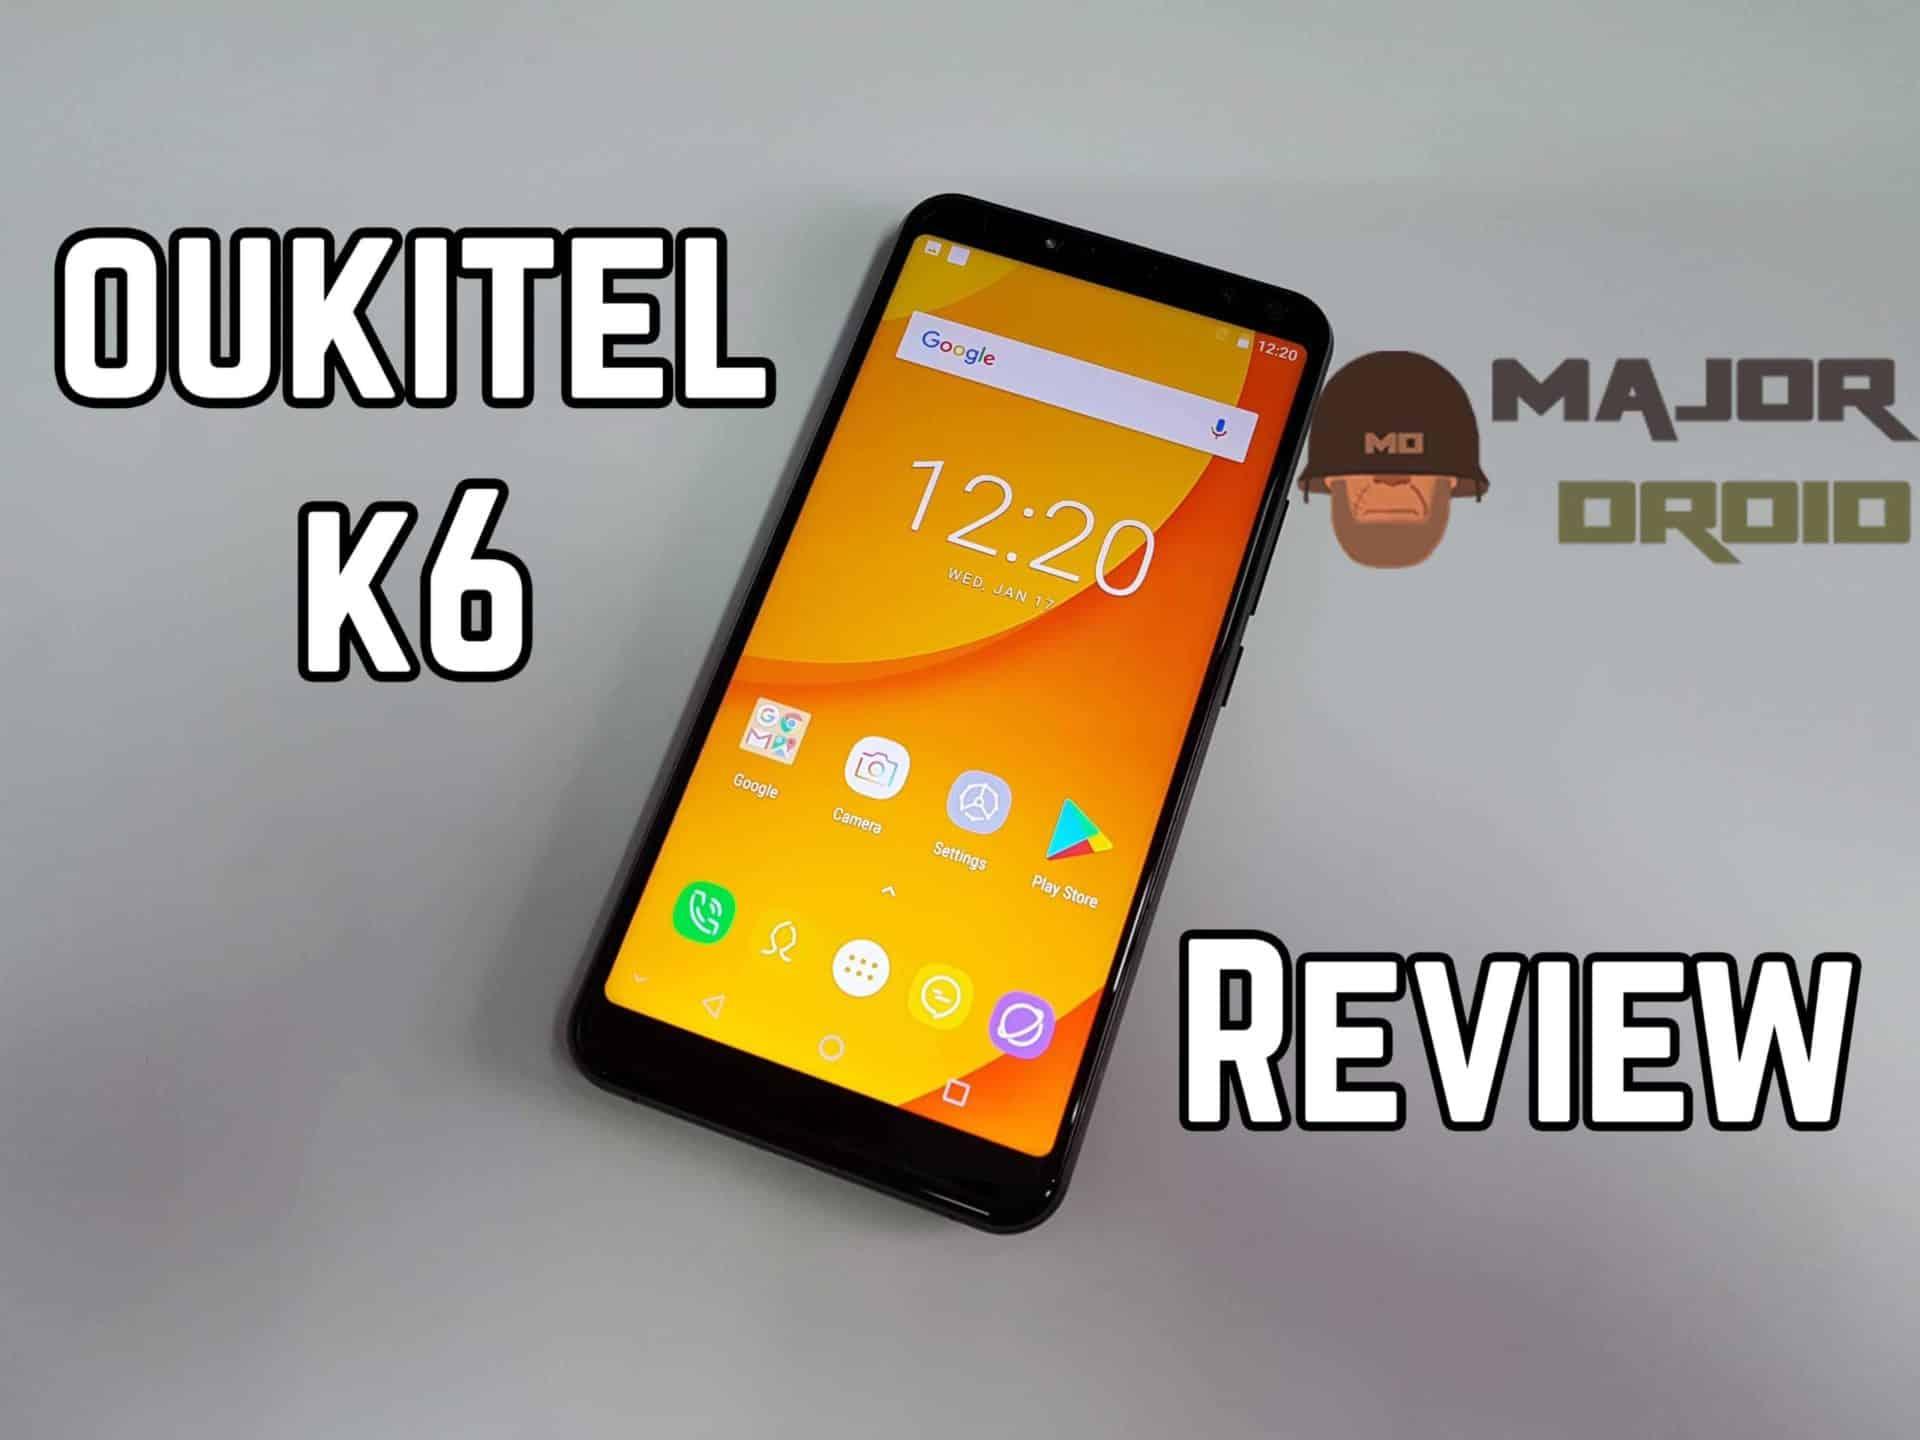 Oukitel K6 Review